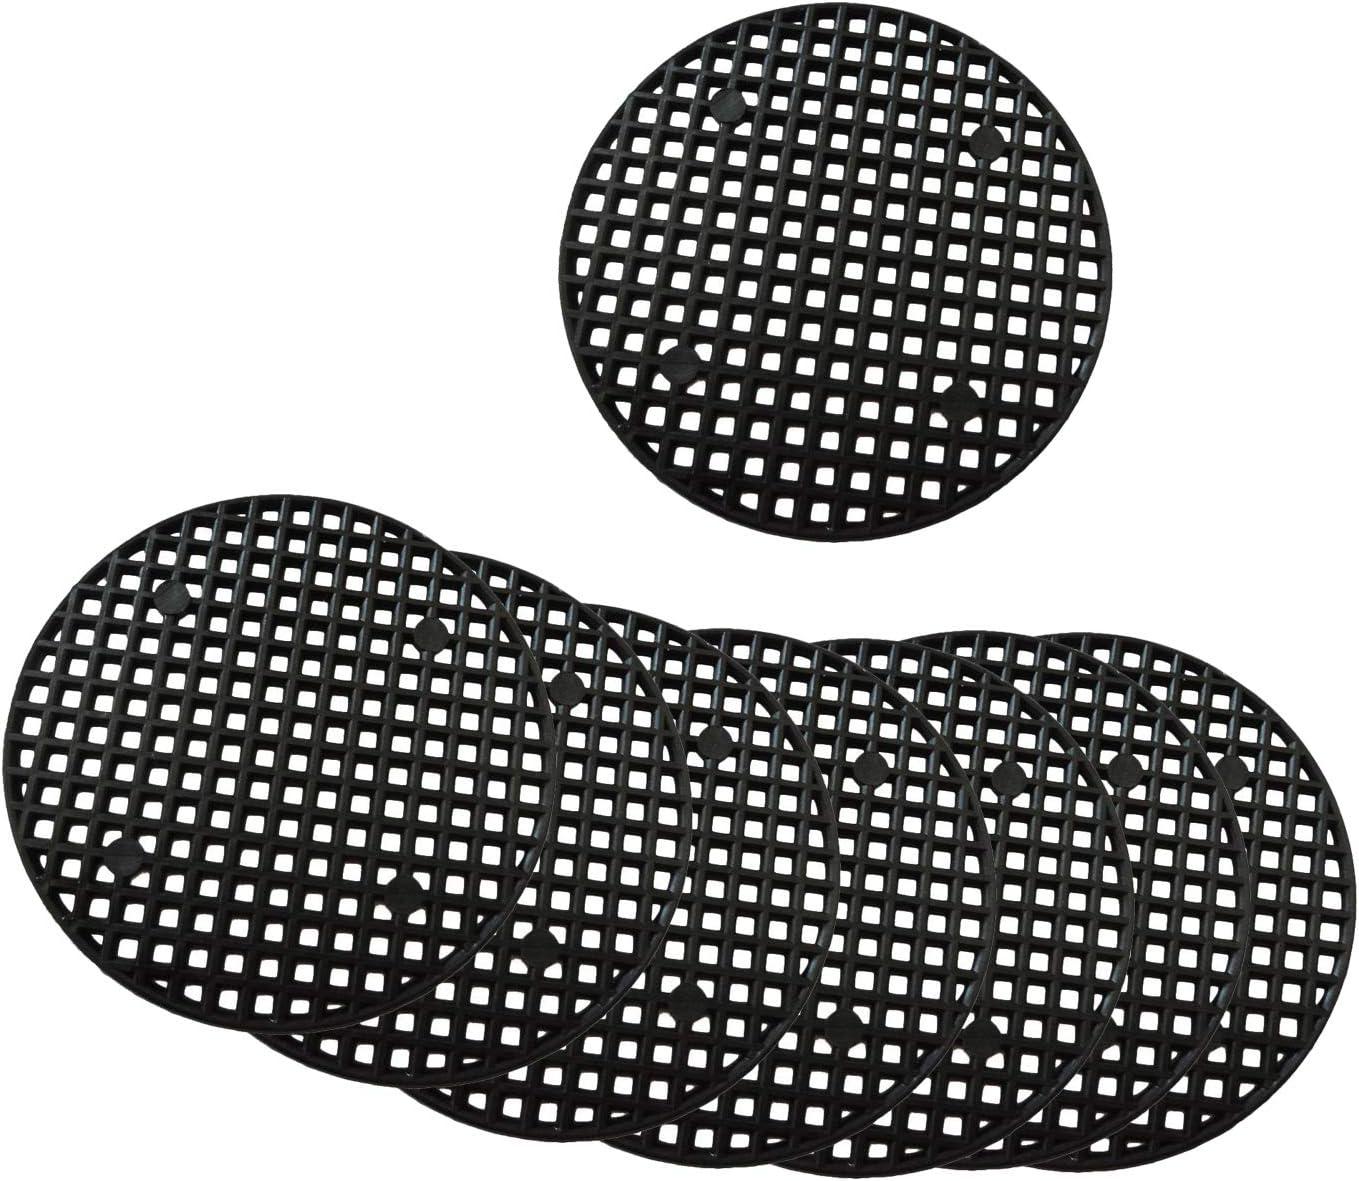 GreeStore - 50 almohadillas de malla para maceta, malla para drenaje de jardín, malla transpirable, 4,5 cm, color negro